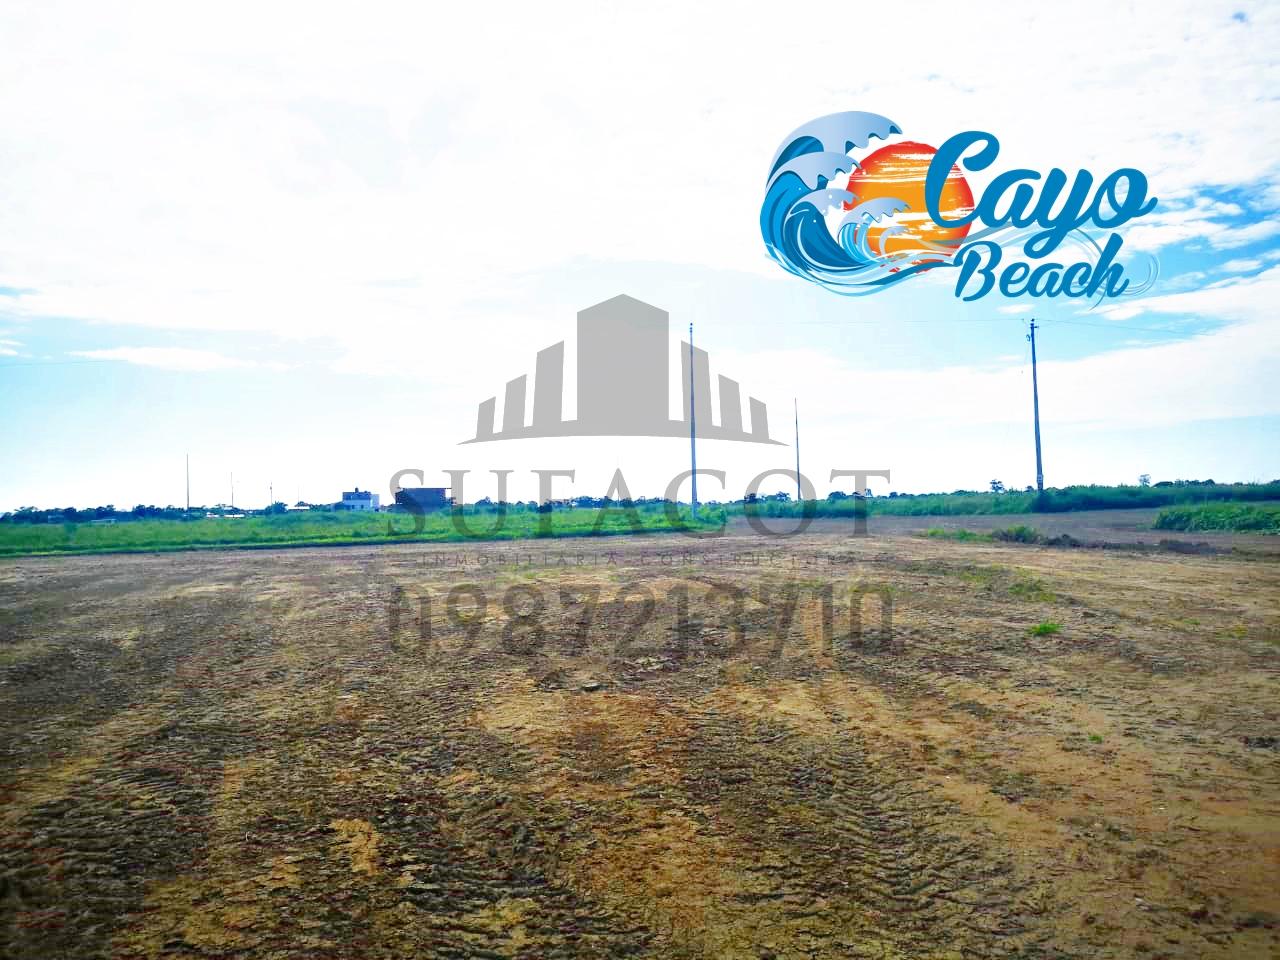 venta-de-terrenos-lotizacion-cayo-beach-en-la-playa-de-puerto-cayo-jijpija-manabi-8